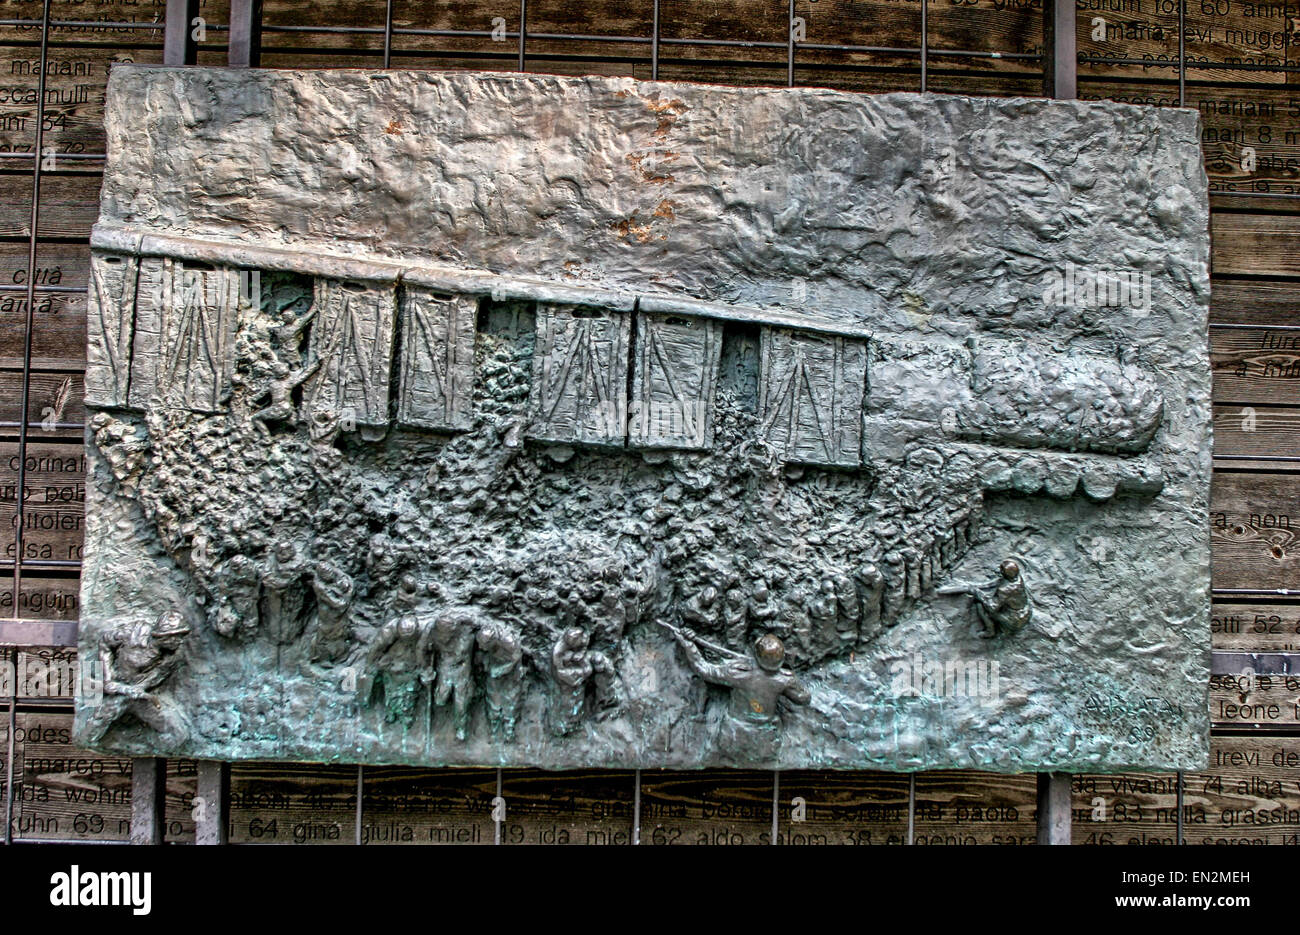 Venecia, Provincia de Venecia, Italia. 7 Oct, 2004. Bajorrelieve de bronce panel que representa el último tren, Foto de stock